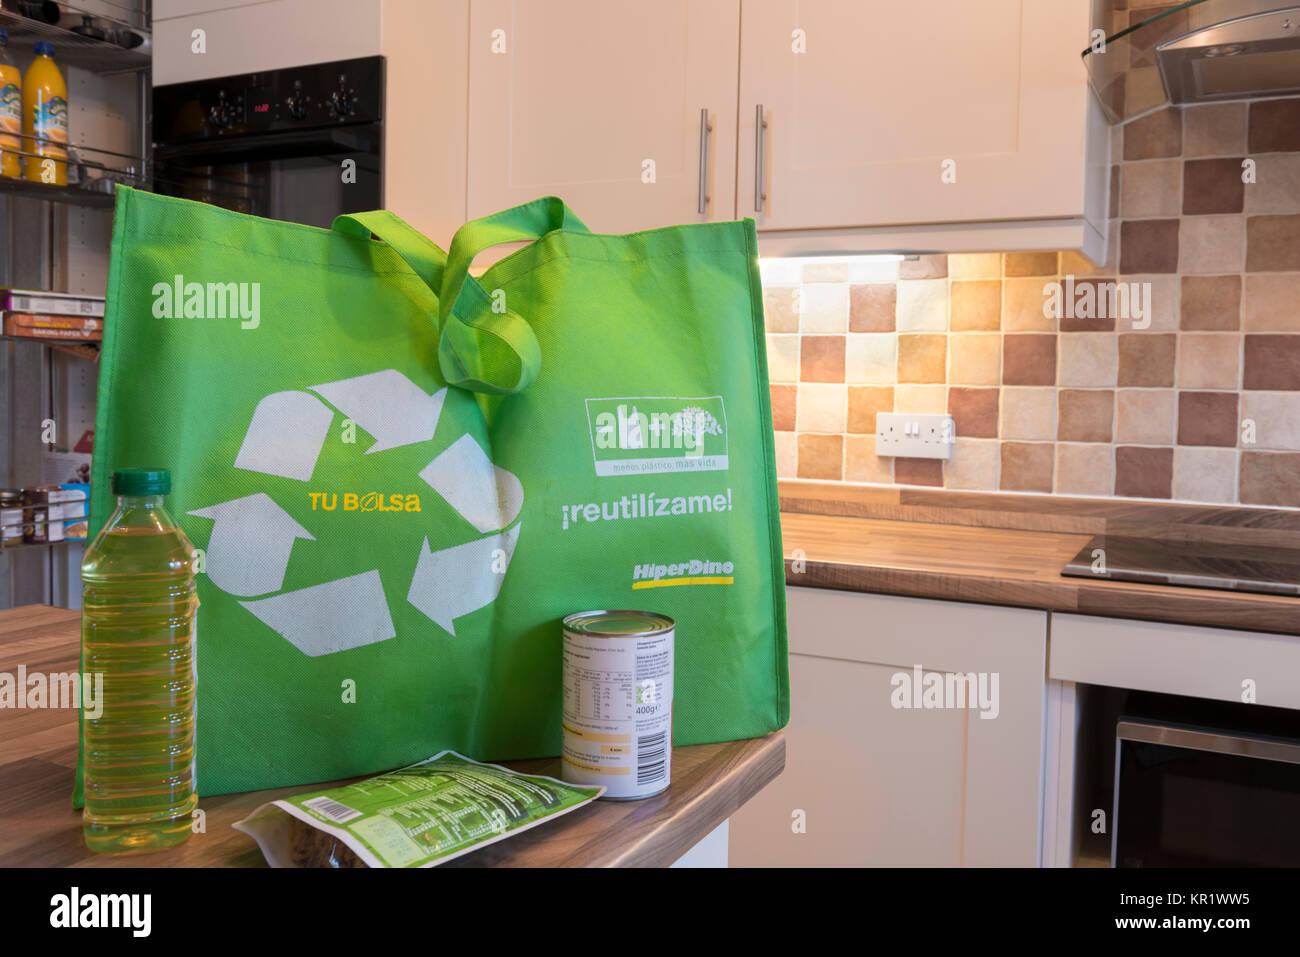 A reusable shopping bag, environmentally friendly, green recycle. - Stock Image